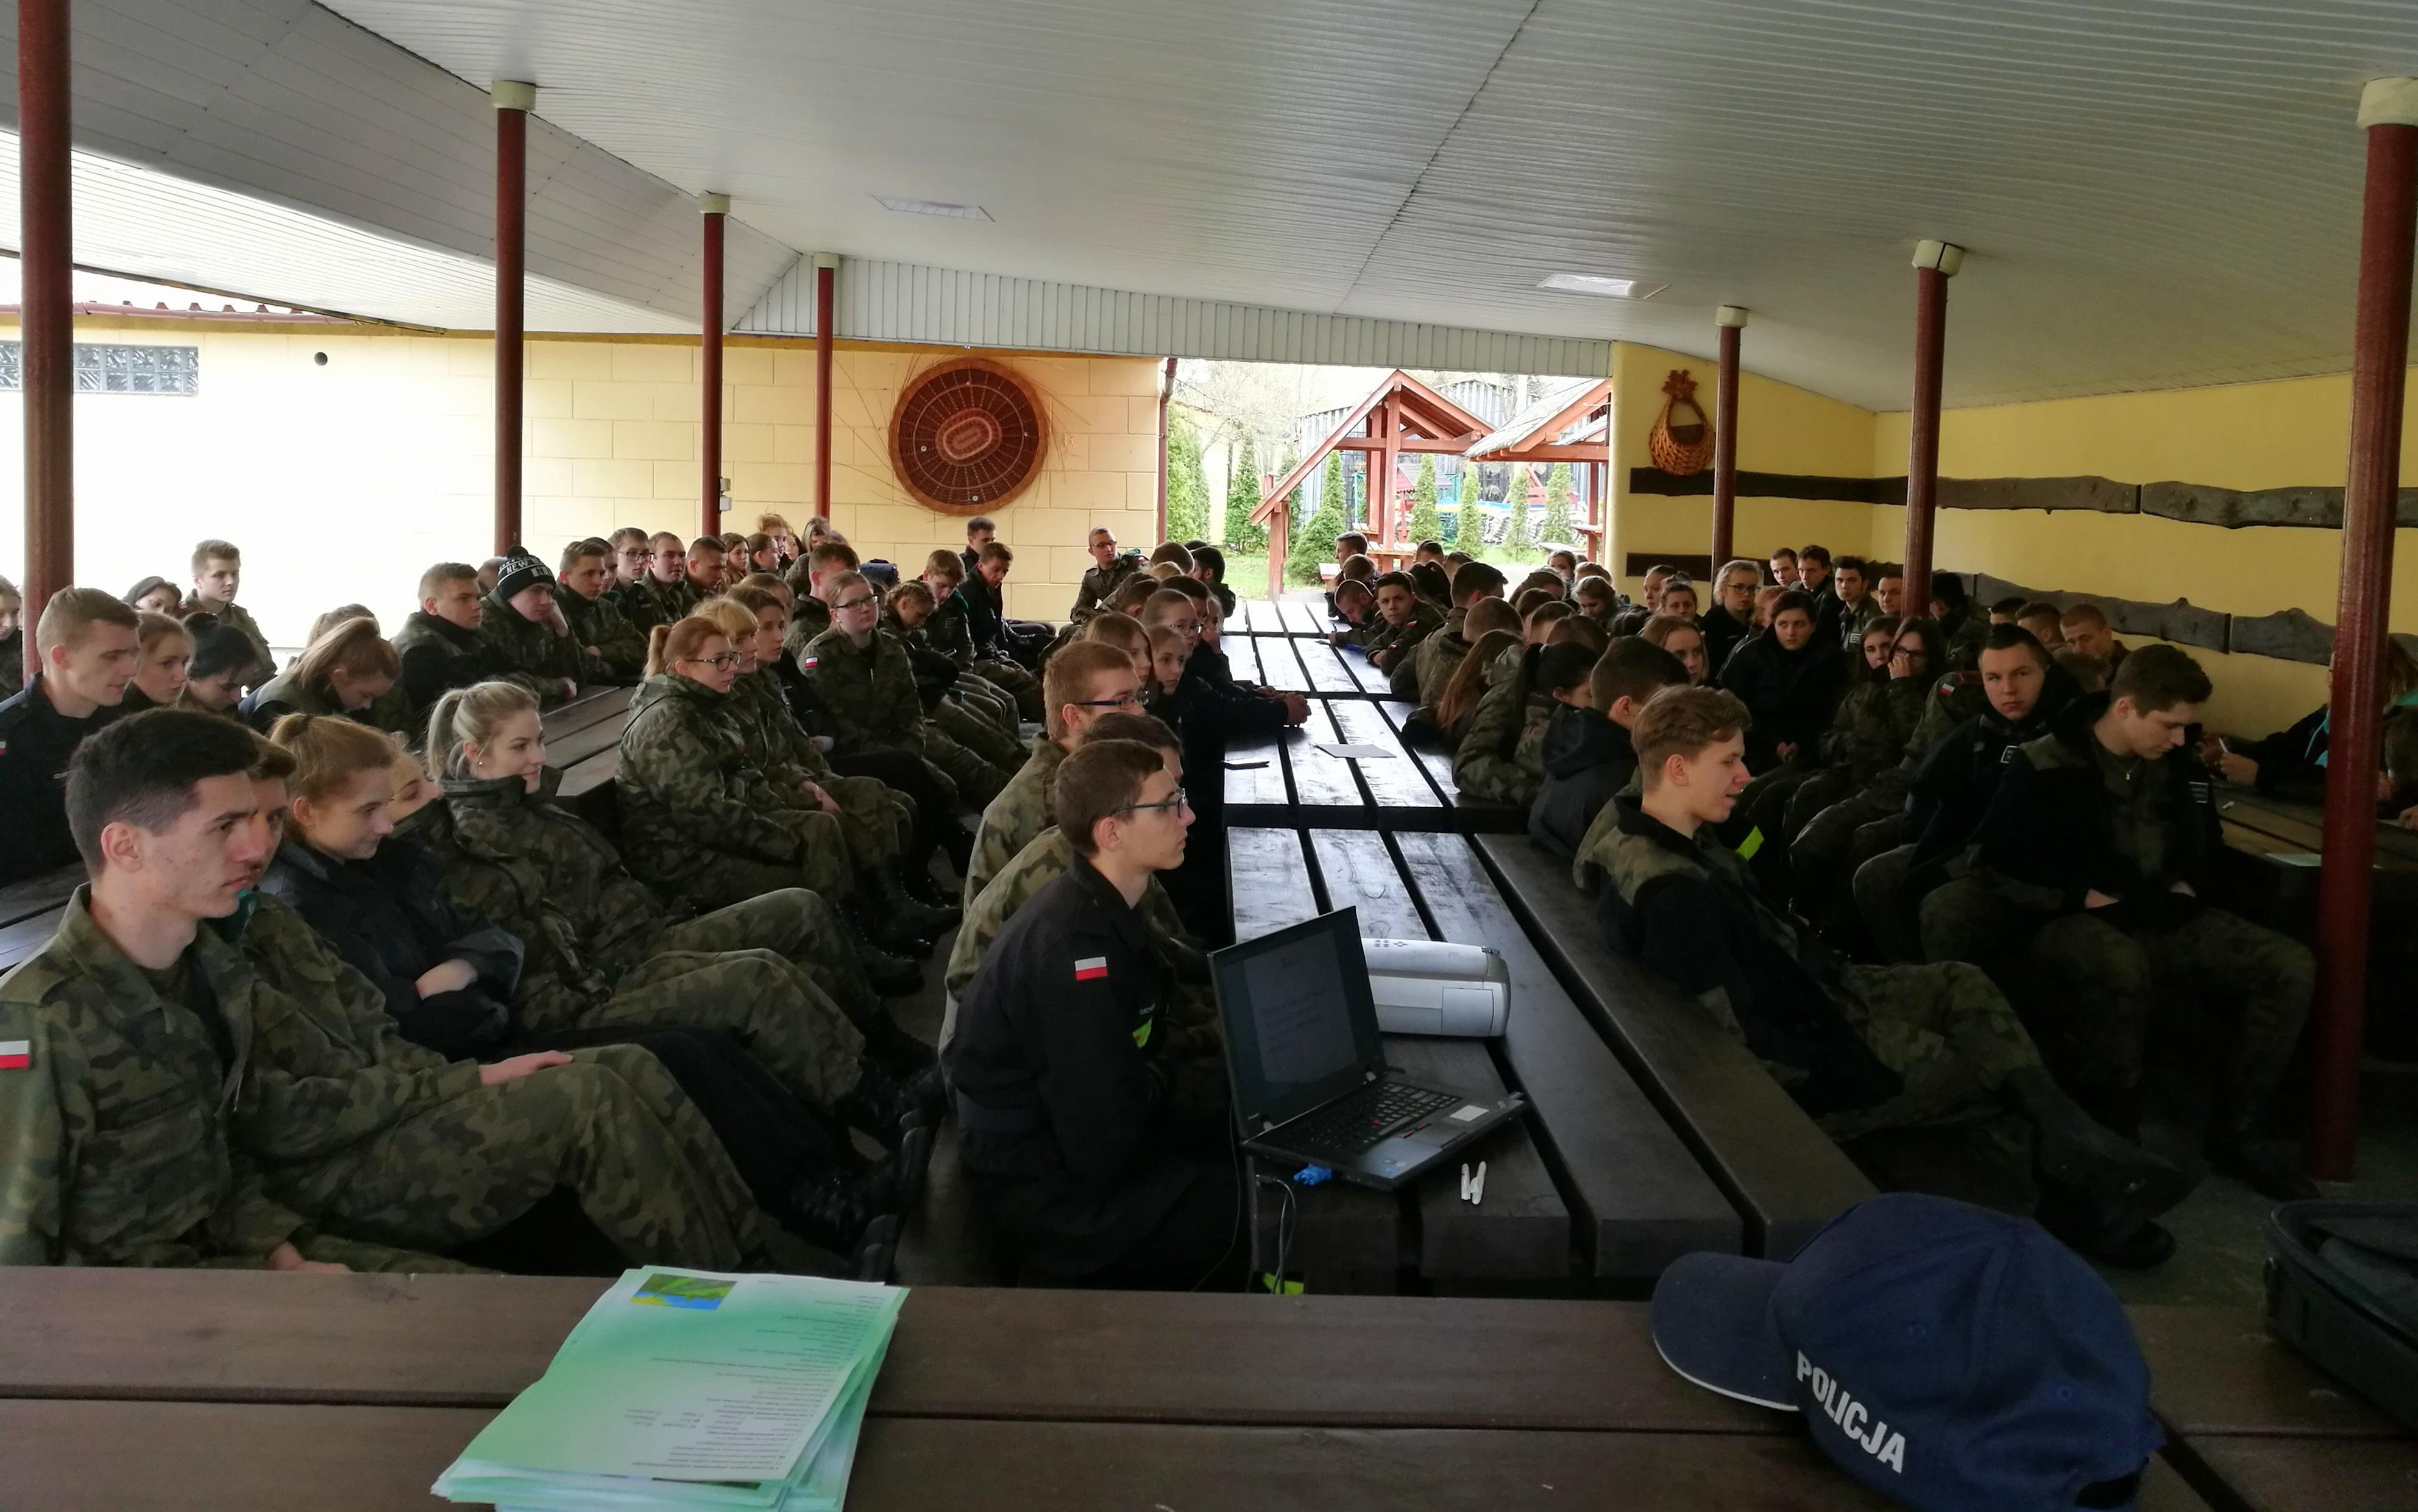 http://www.bydgoszcz.kujawsko-pomorska.policja.gov.pl/dokumenty/zalaczniki/137/137-167706.jpg